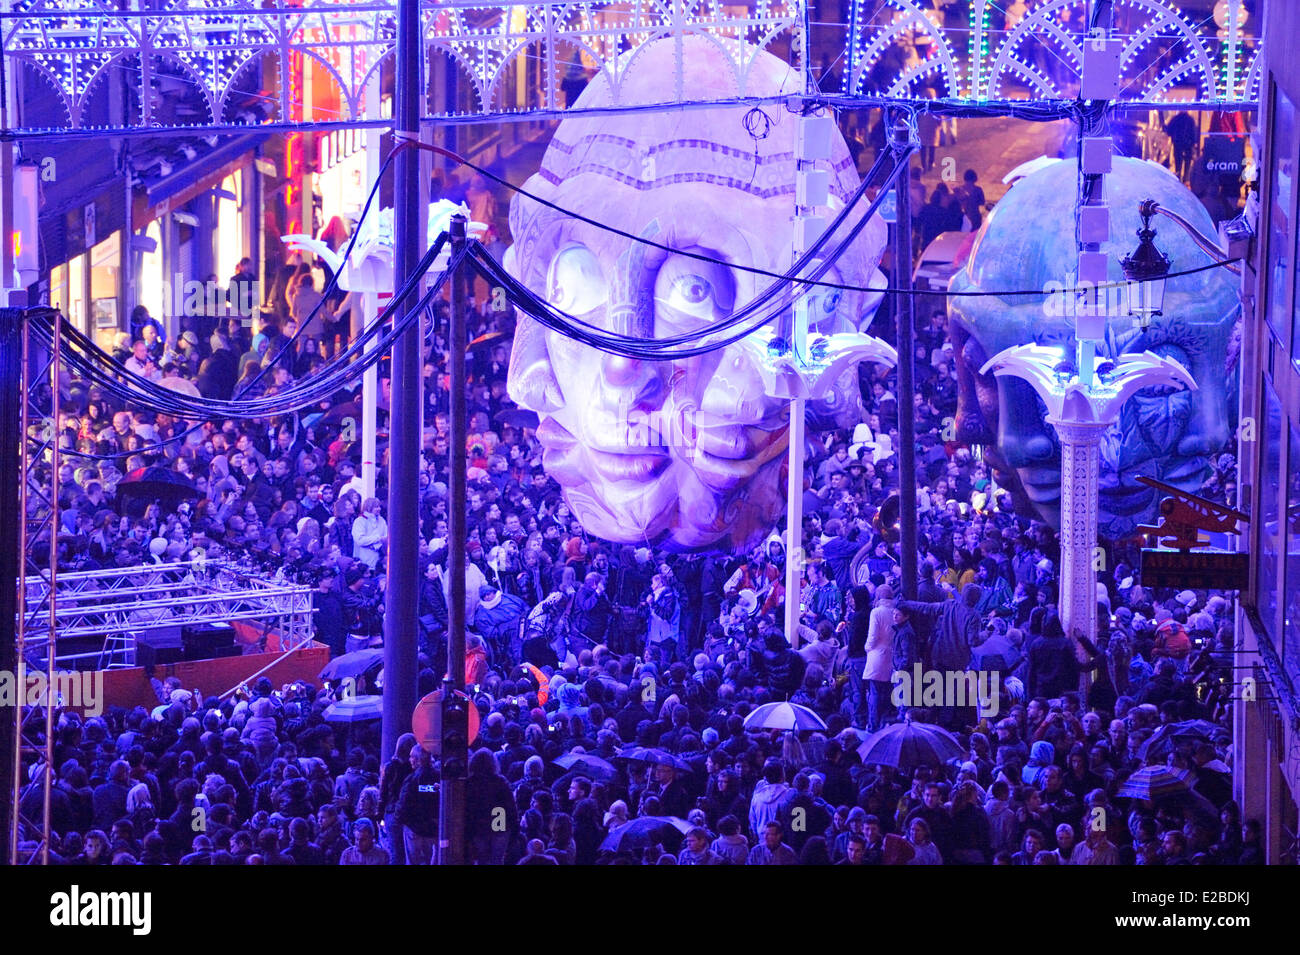 France, Nord, Lille, Lille 3000, défilé fantastique de l'ouverture de nuit, défilé des masques Photo Stock